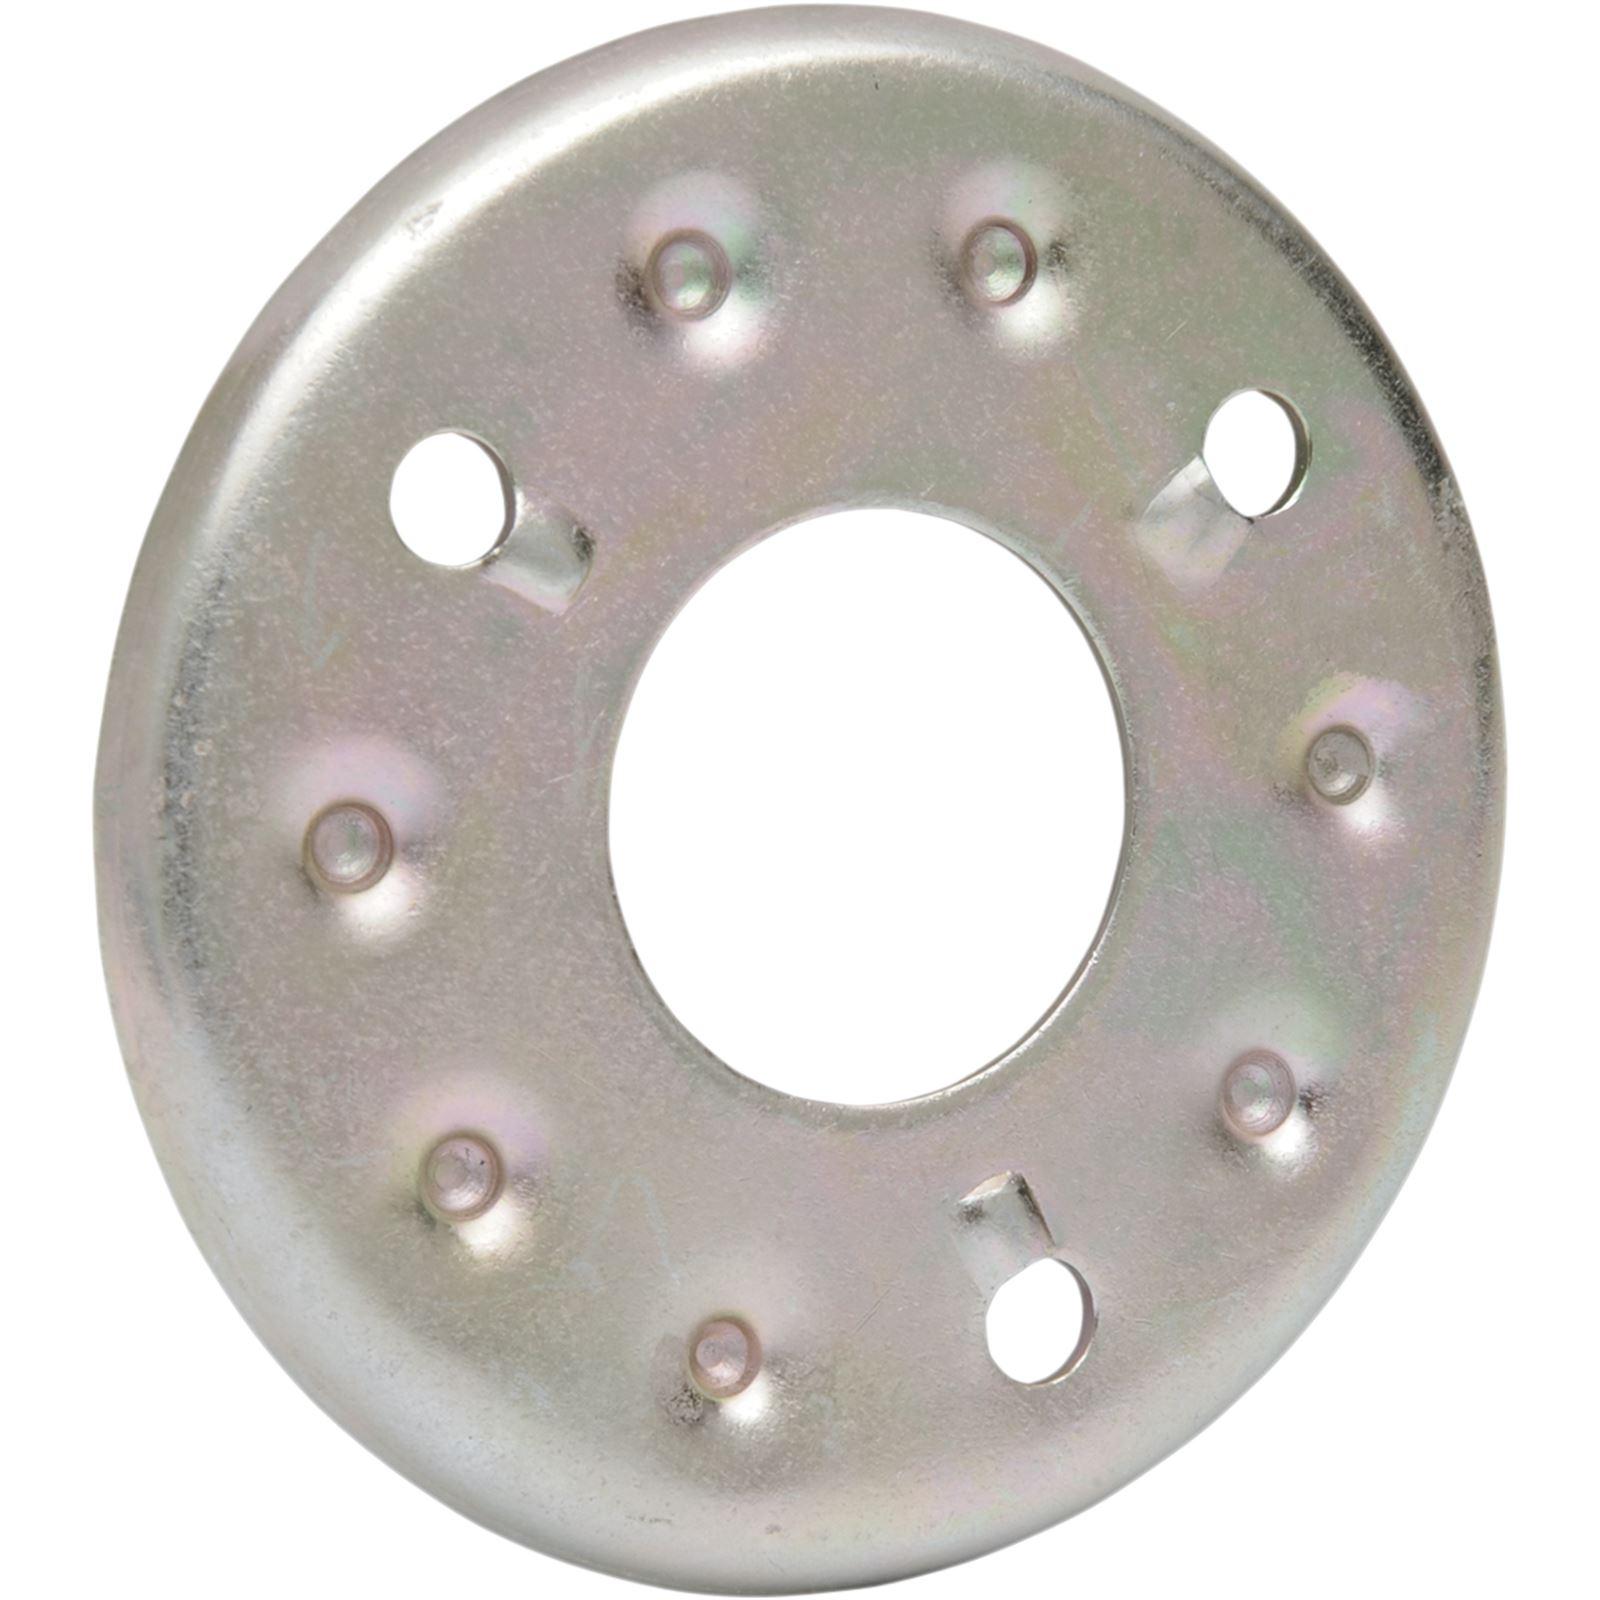 Eastern Motorcycle Parts Pressure Plate - 38010-41